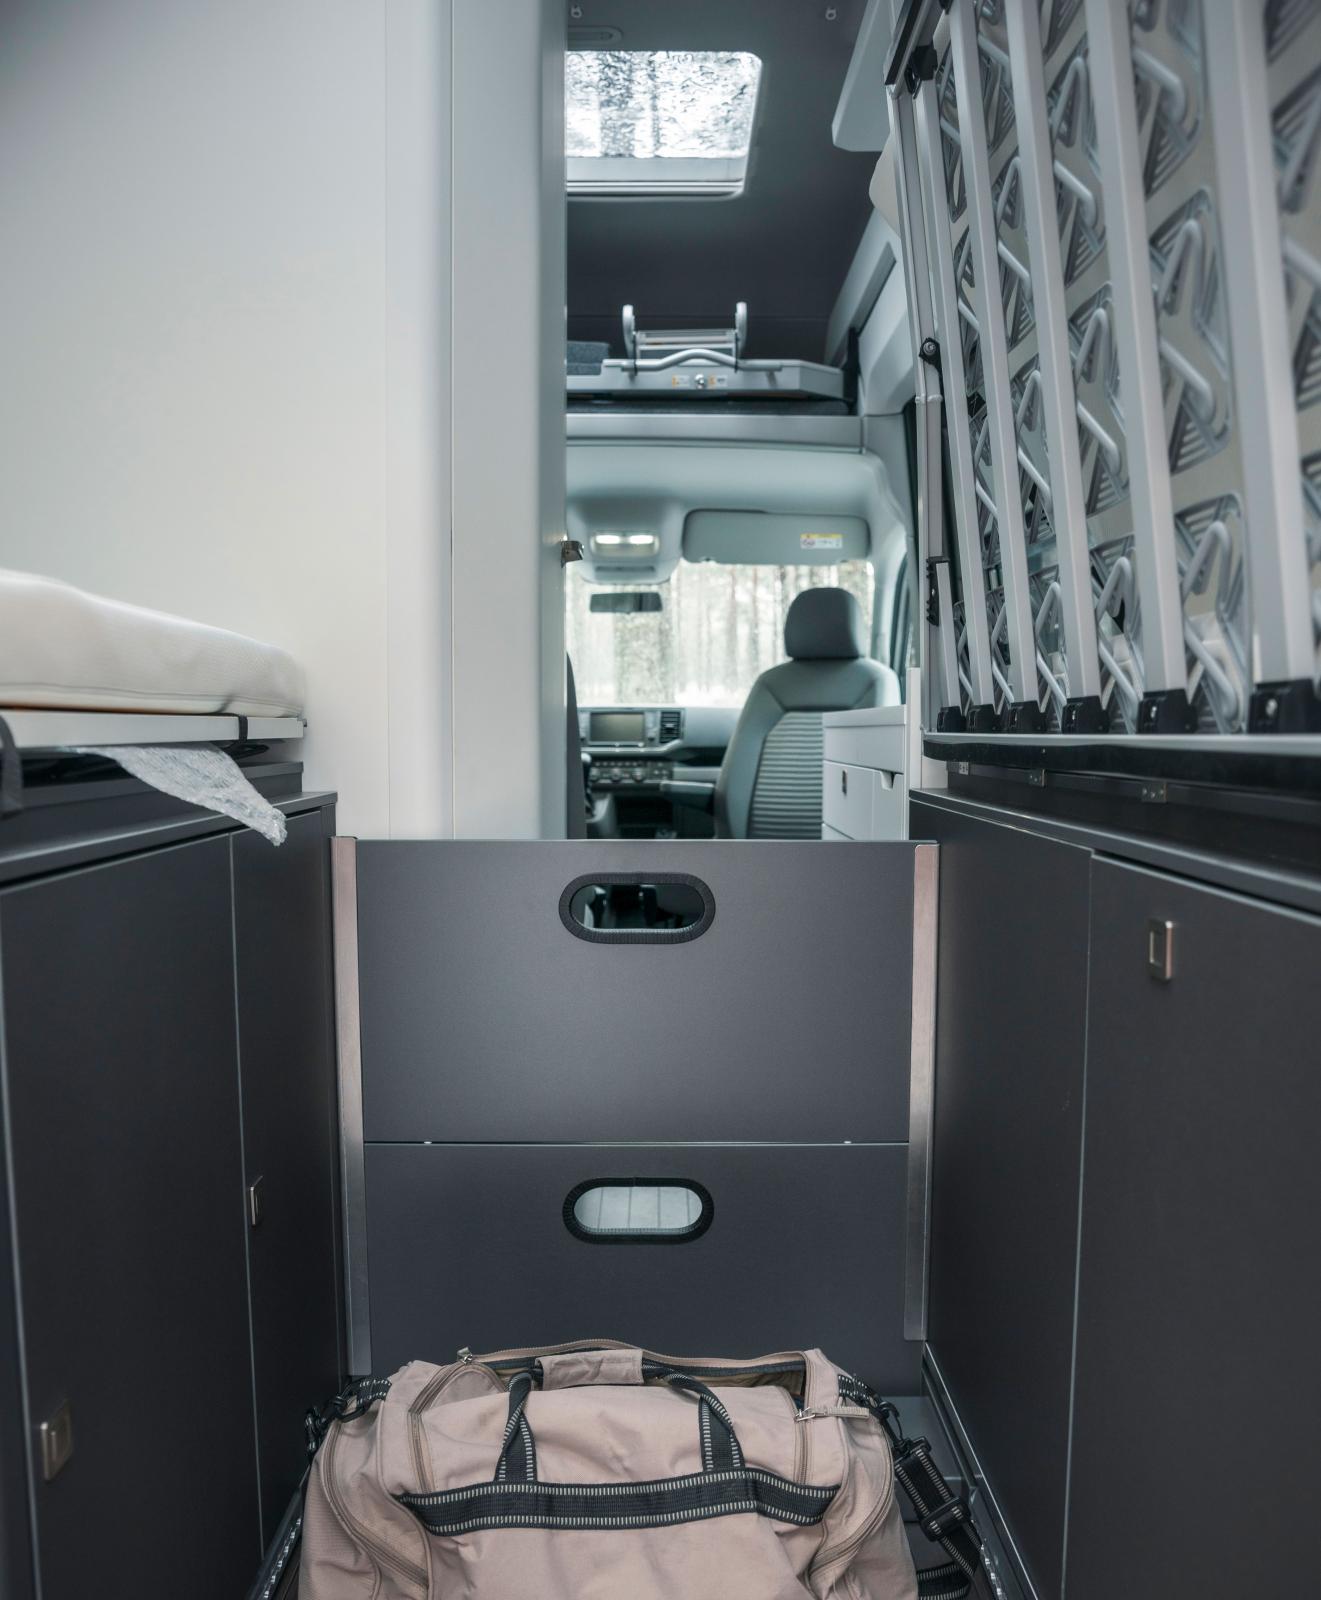 Lastförskjutningsskydd av stabilt skivmaterial. Ett lastnät vore bättre då skivorna tar stor plats när de inte används.